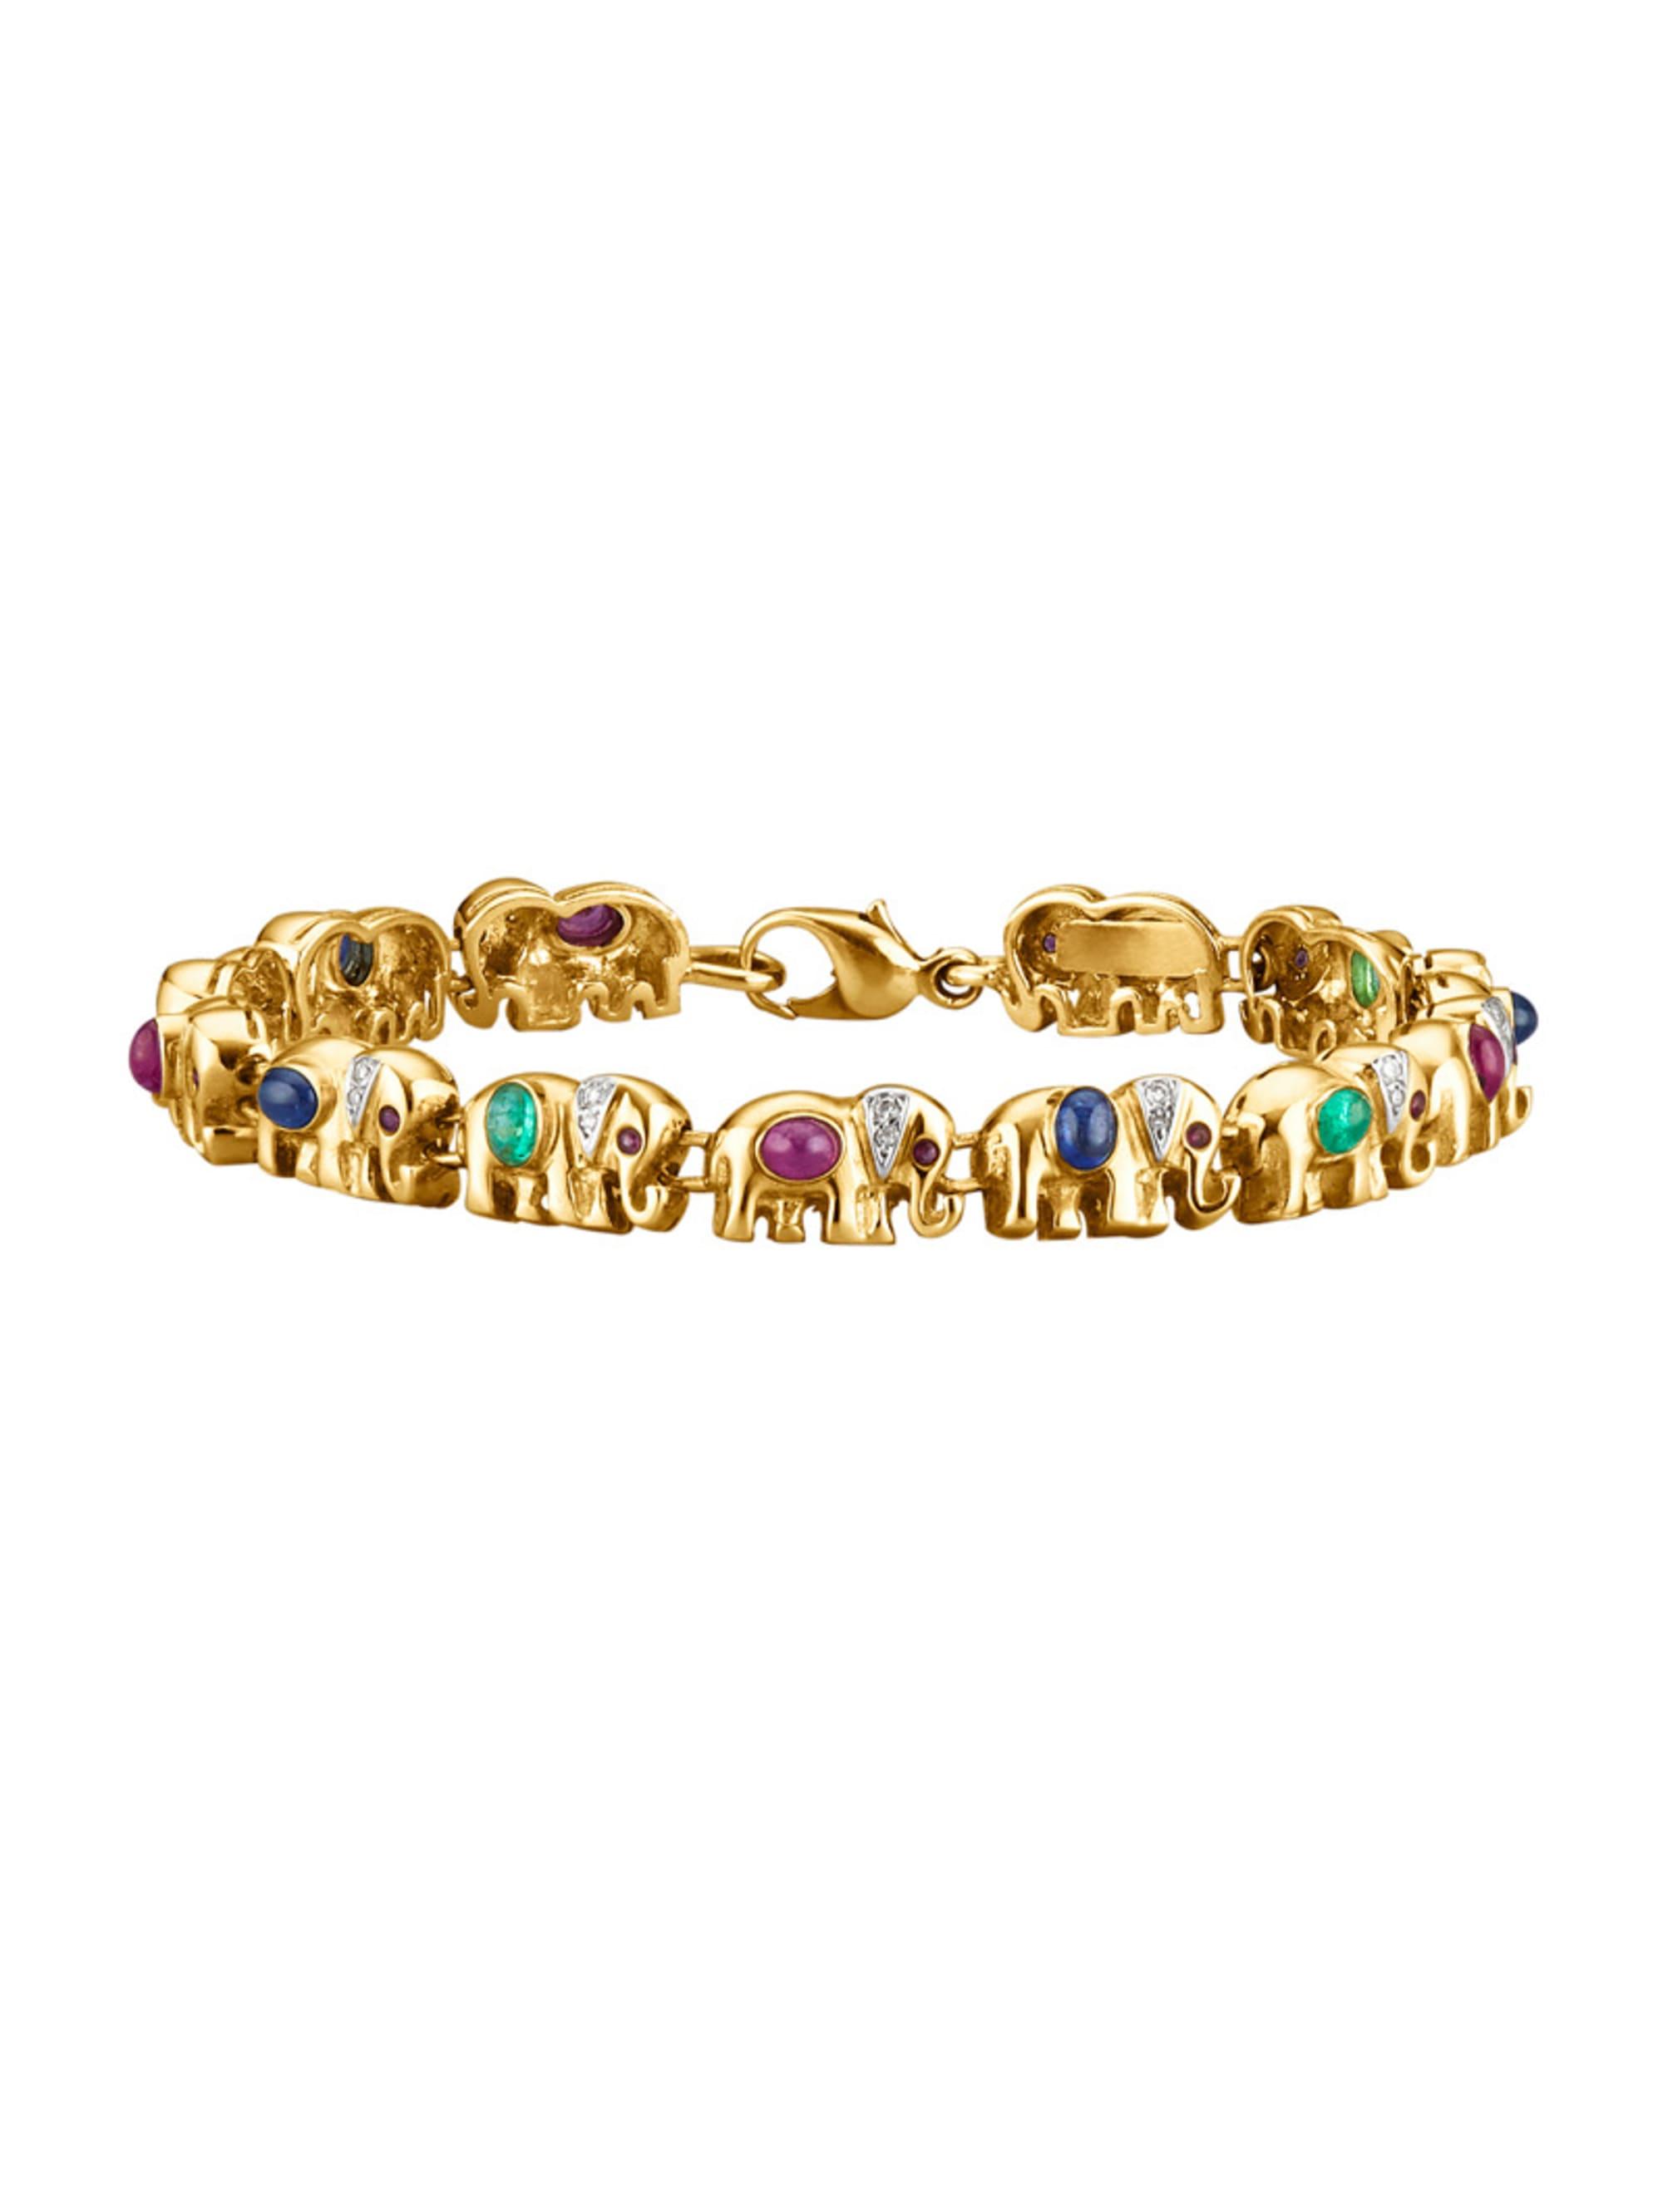 Diemer Farbstein Elefanten-Armband in Gelbgold Z580T